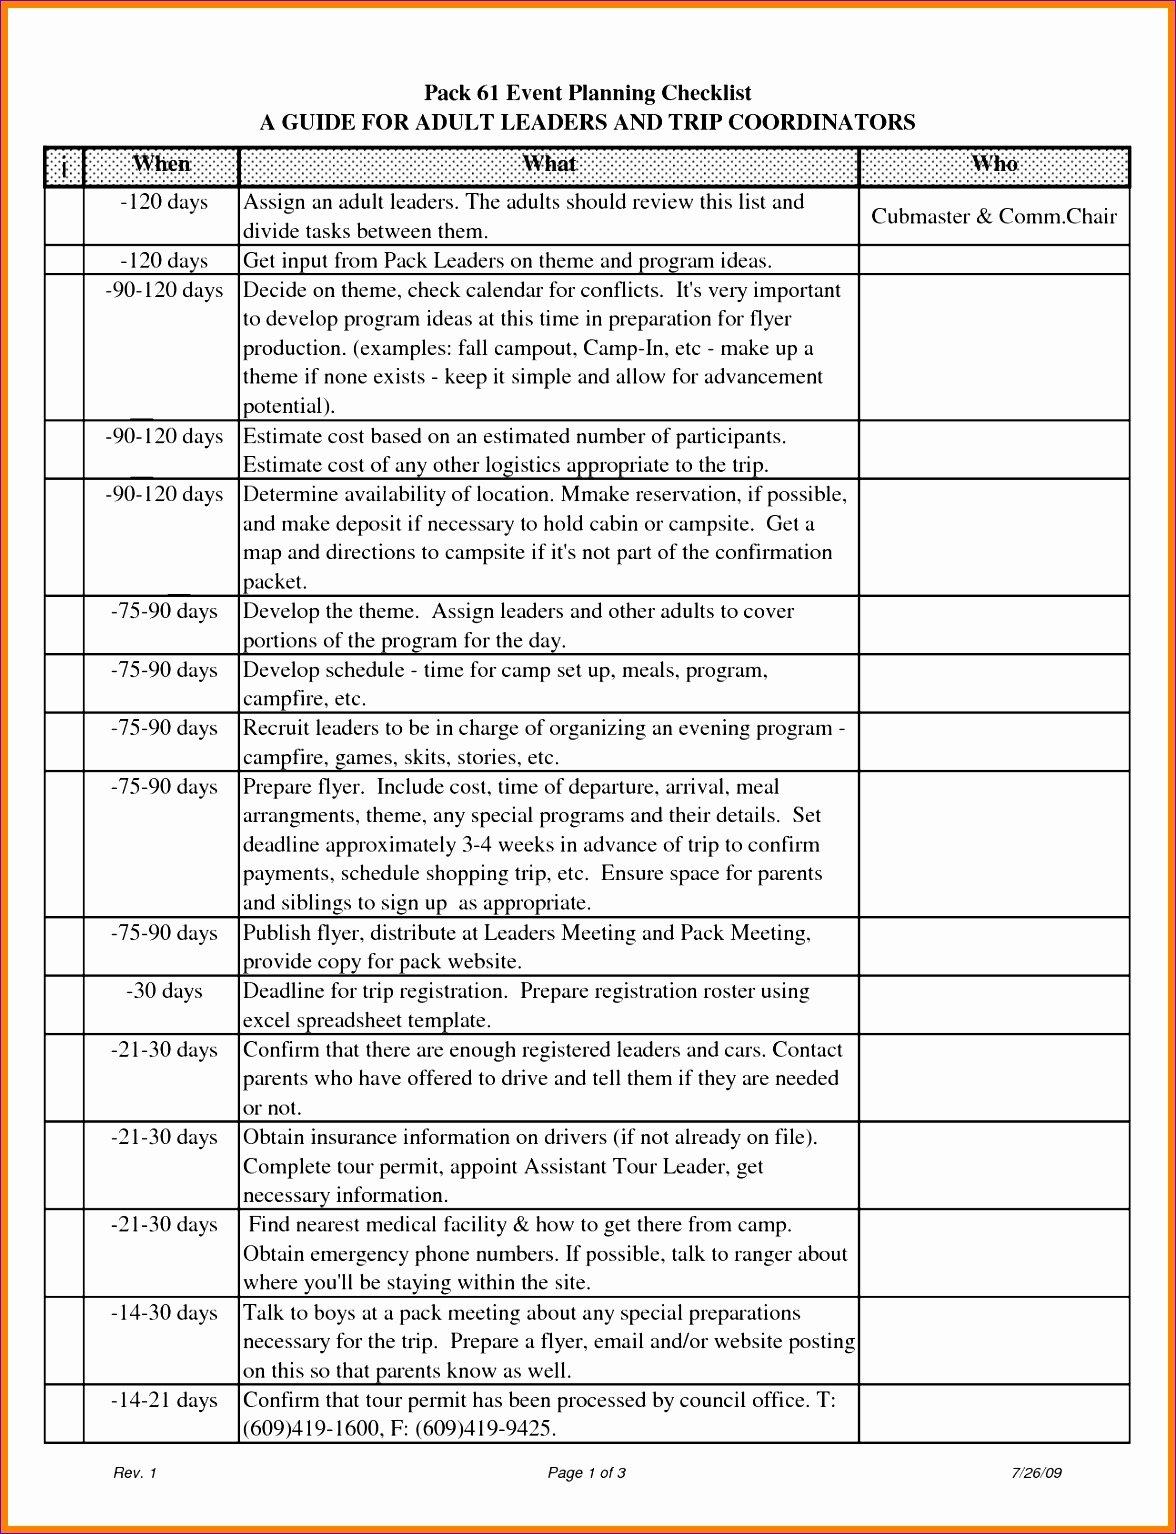 event timeline template excel v7153